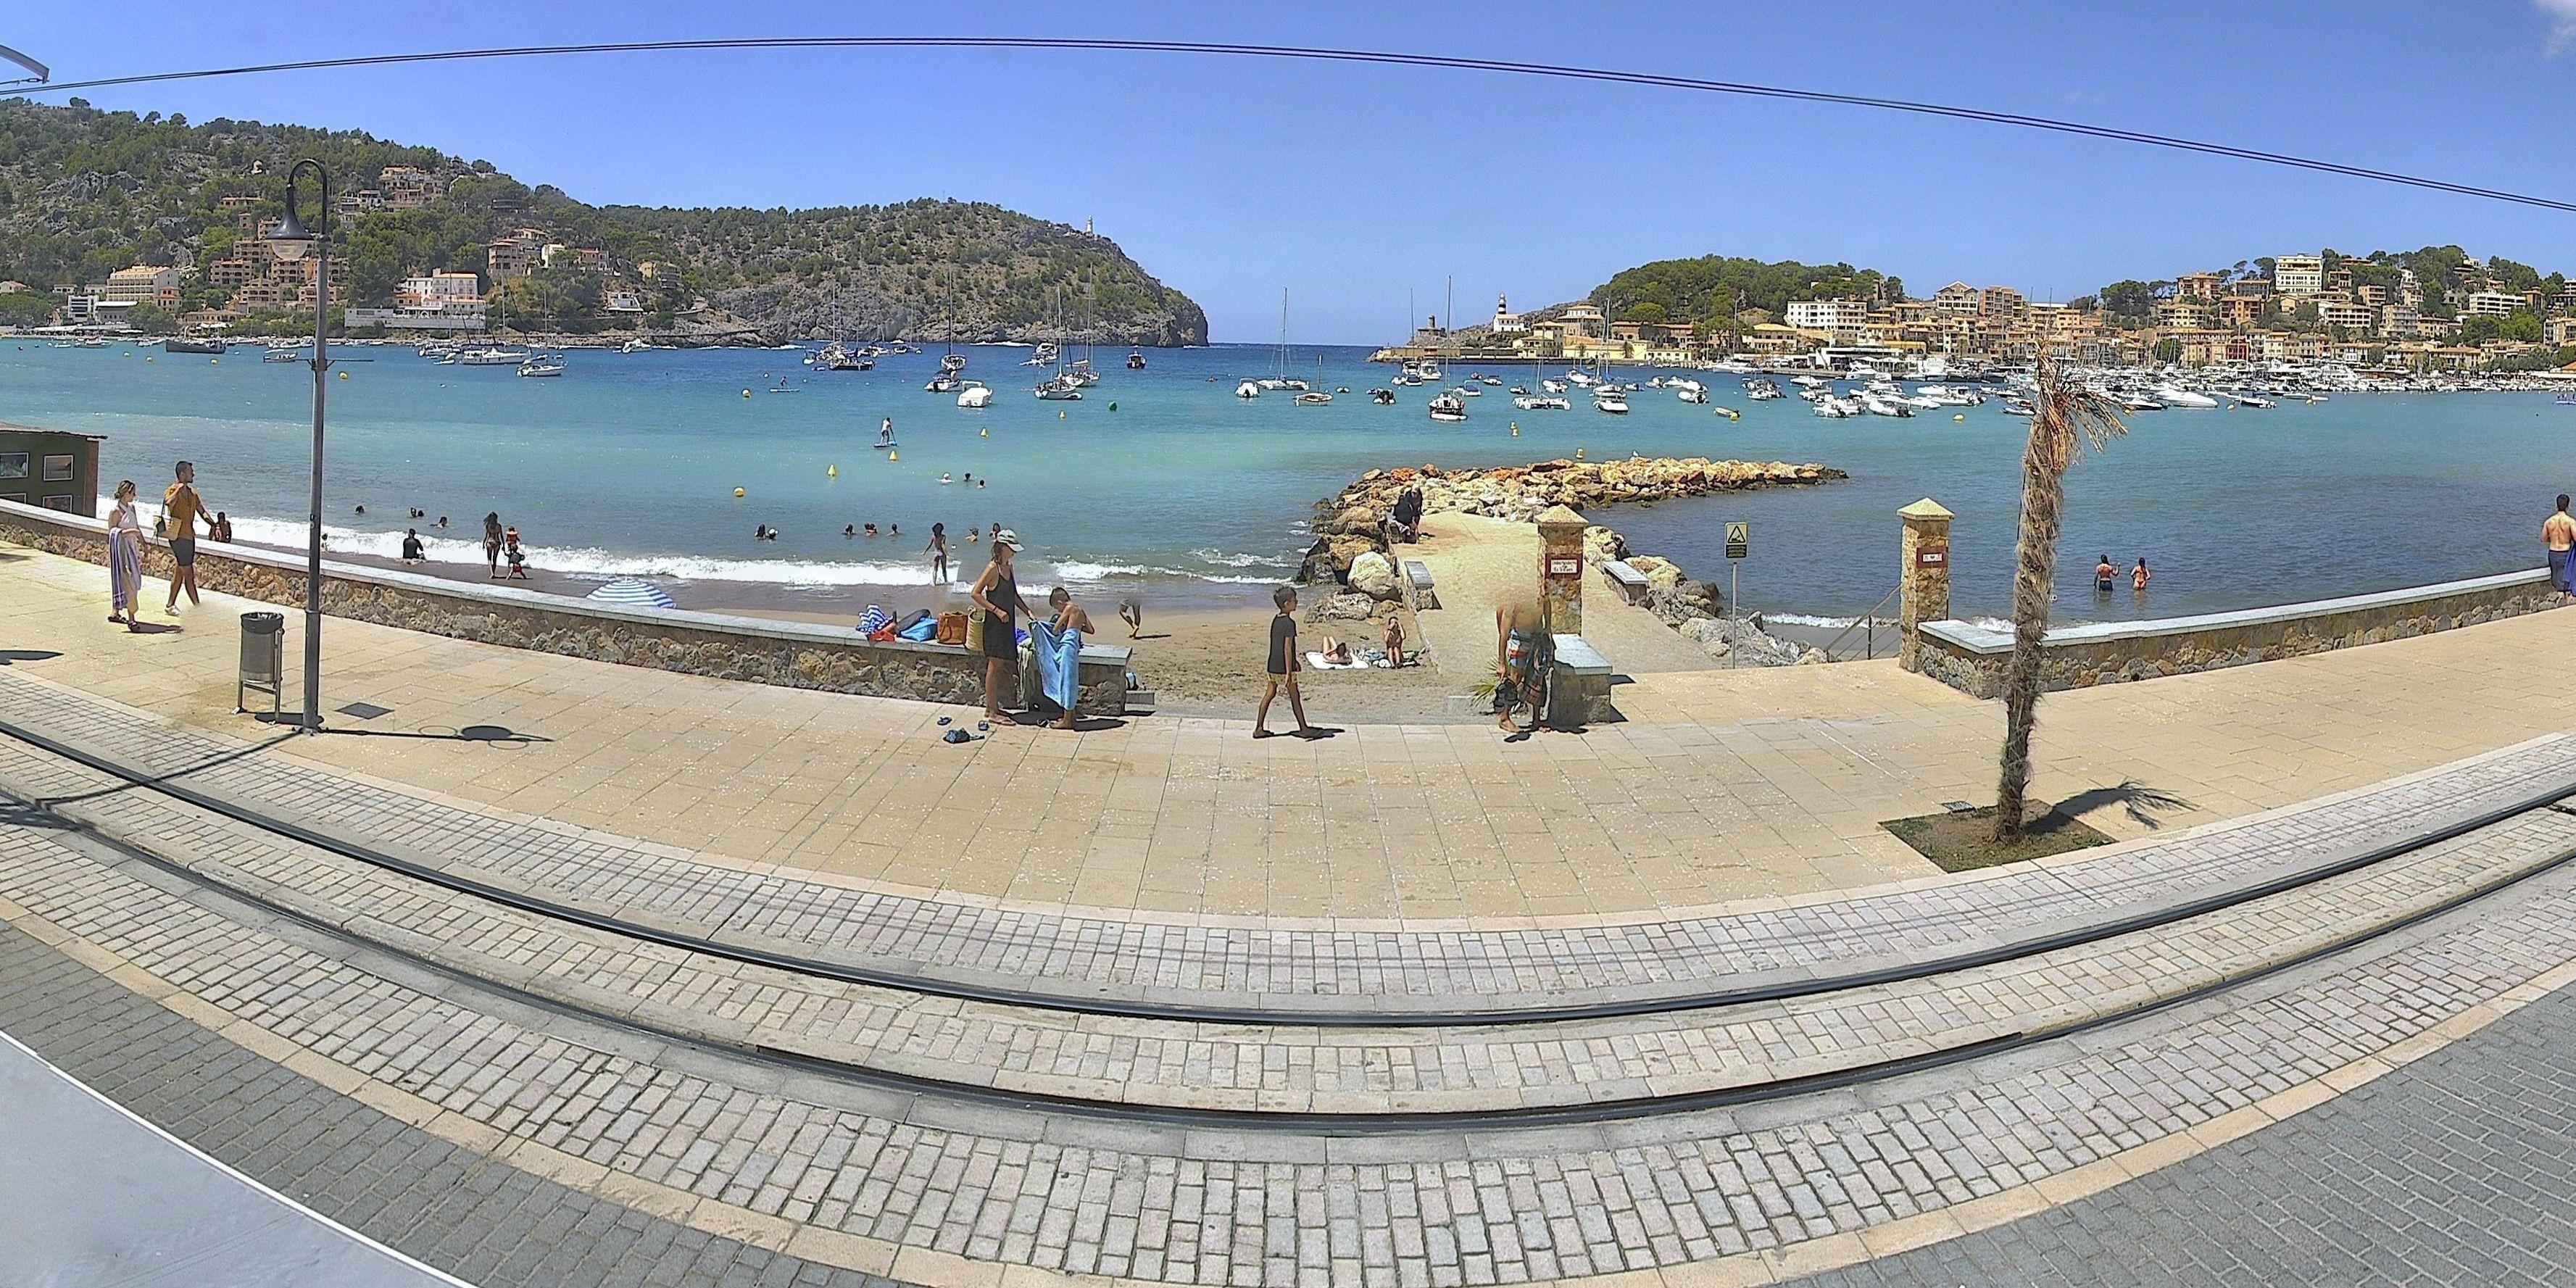 Live Webcam Port Soller